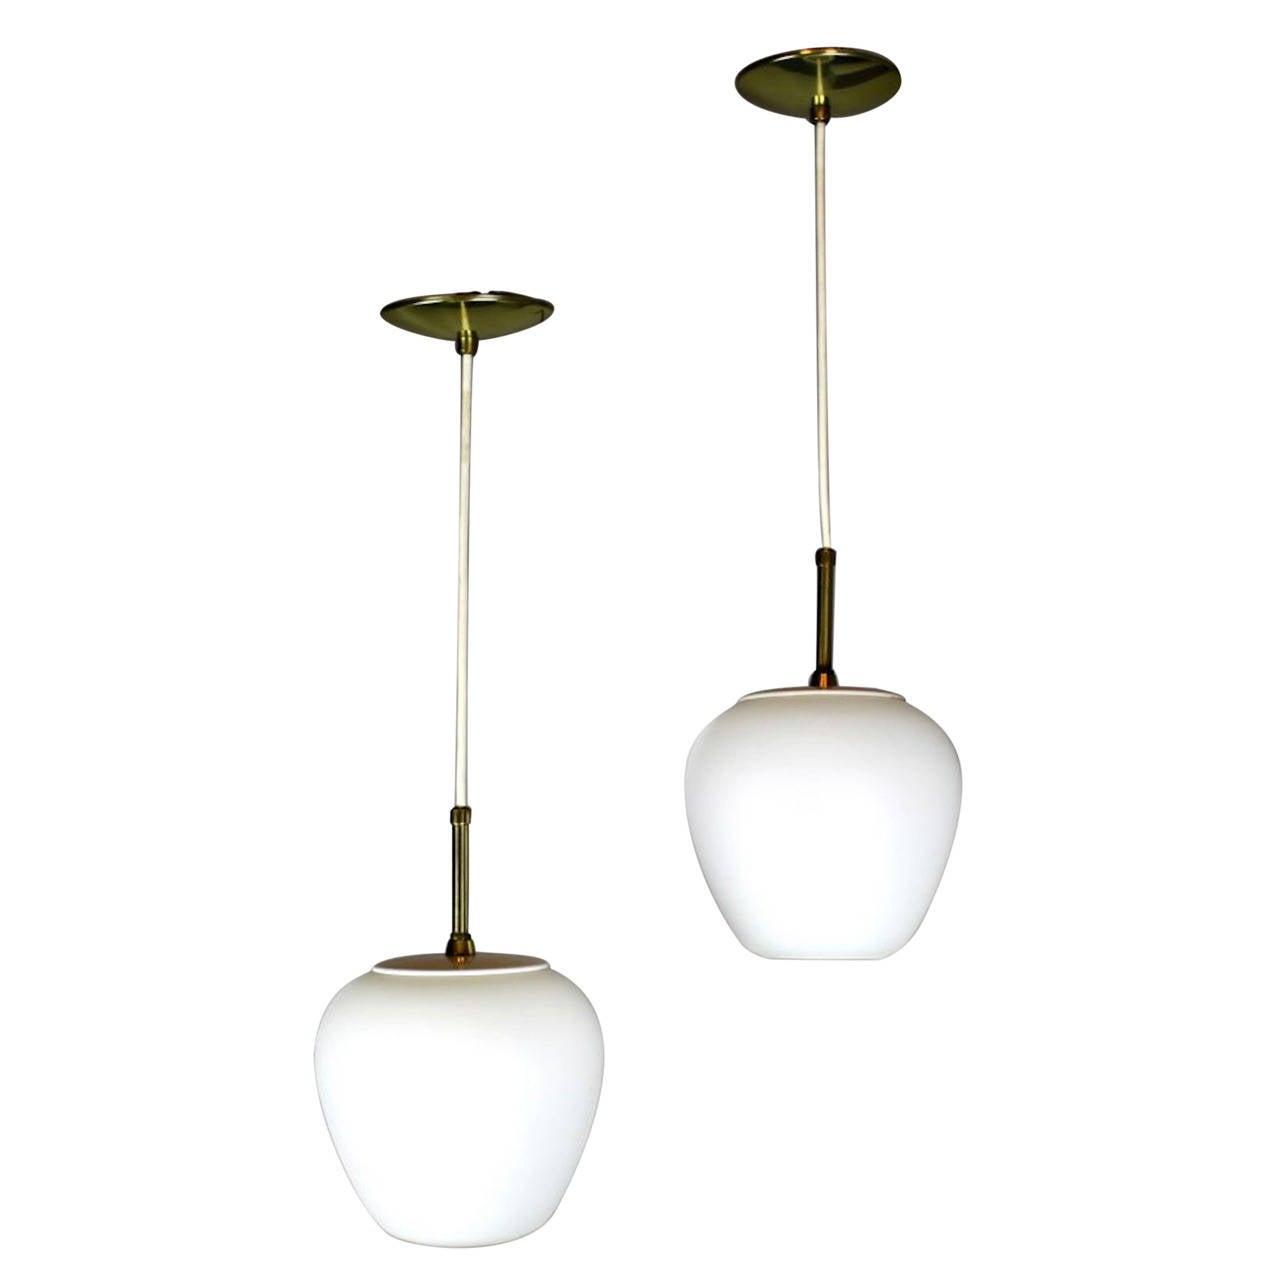 mid century modern italian style pendant lights at 1stdibs